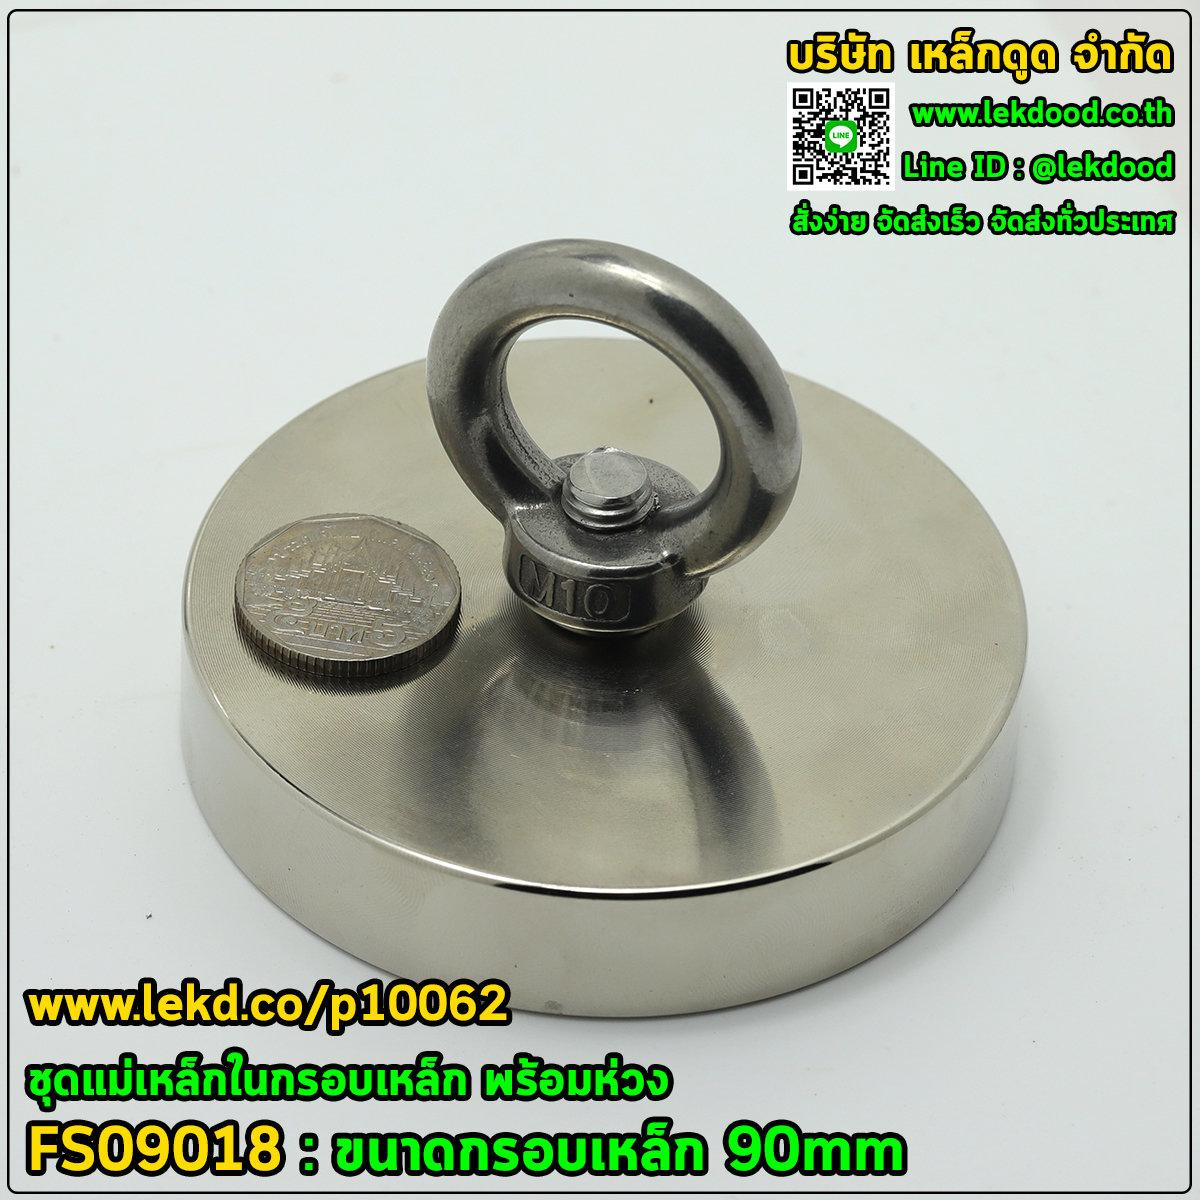 แม่เหล็กแรงสูงในกรอบเหล็ก 90mm รหัส 10062-FS09018